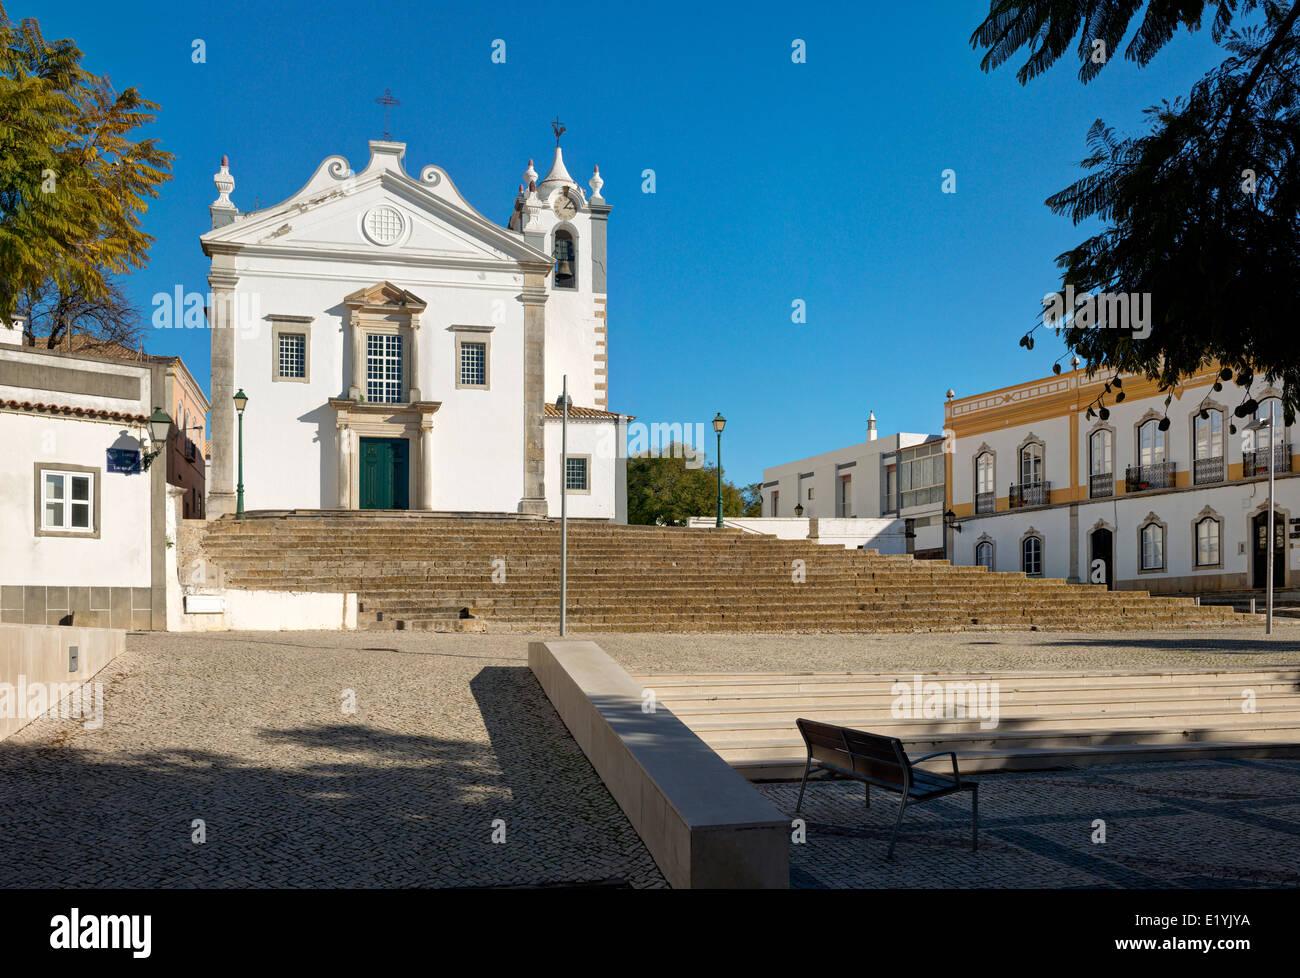 Portugal, the Algarve, Estoi village church - Stock Image